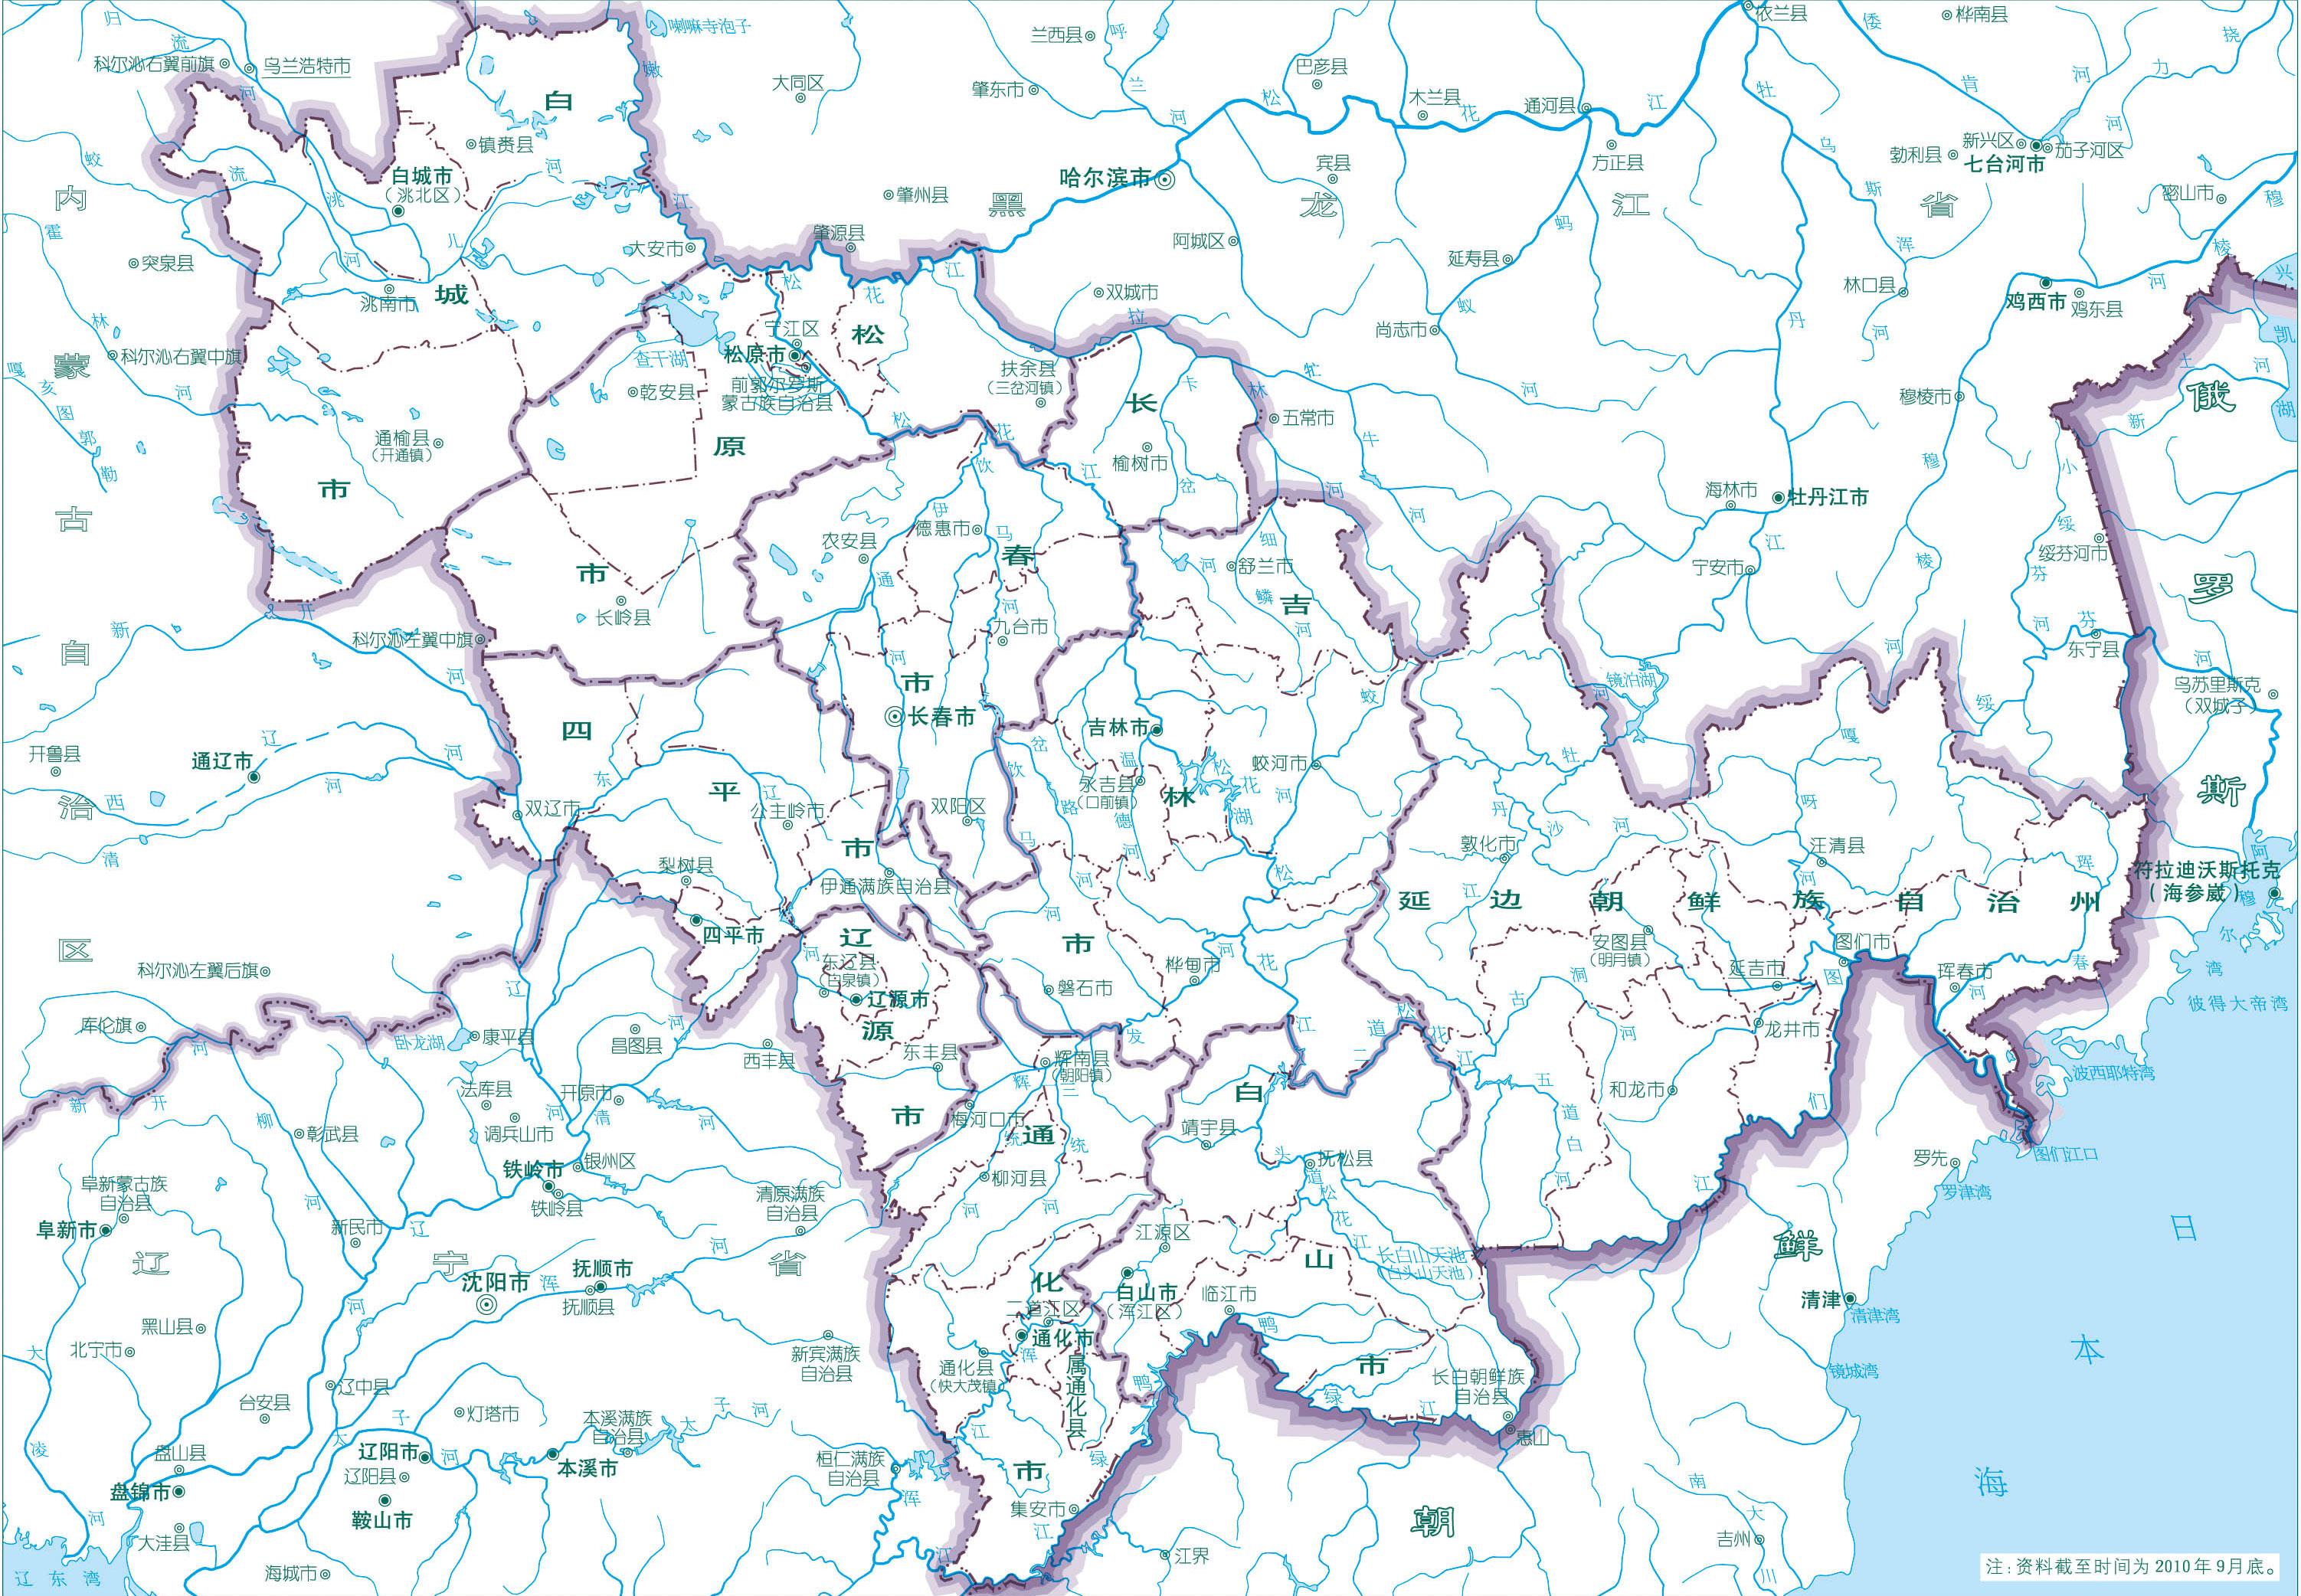 吉林市行政地图高清版